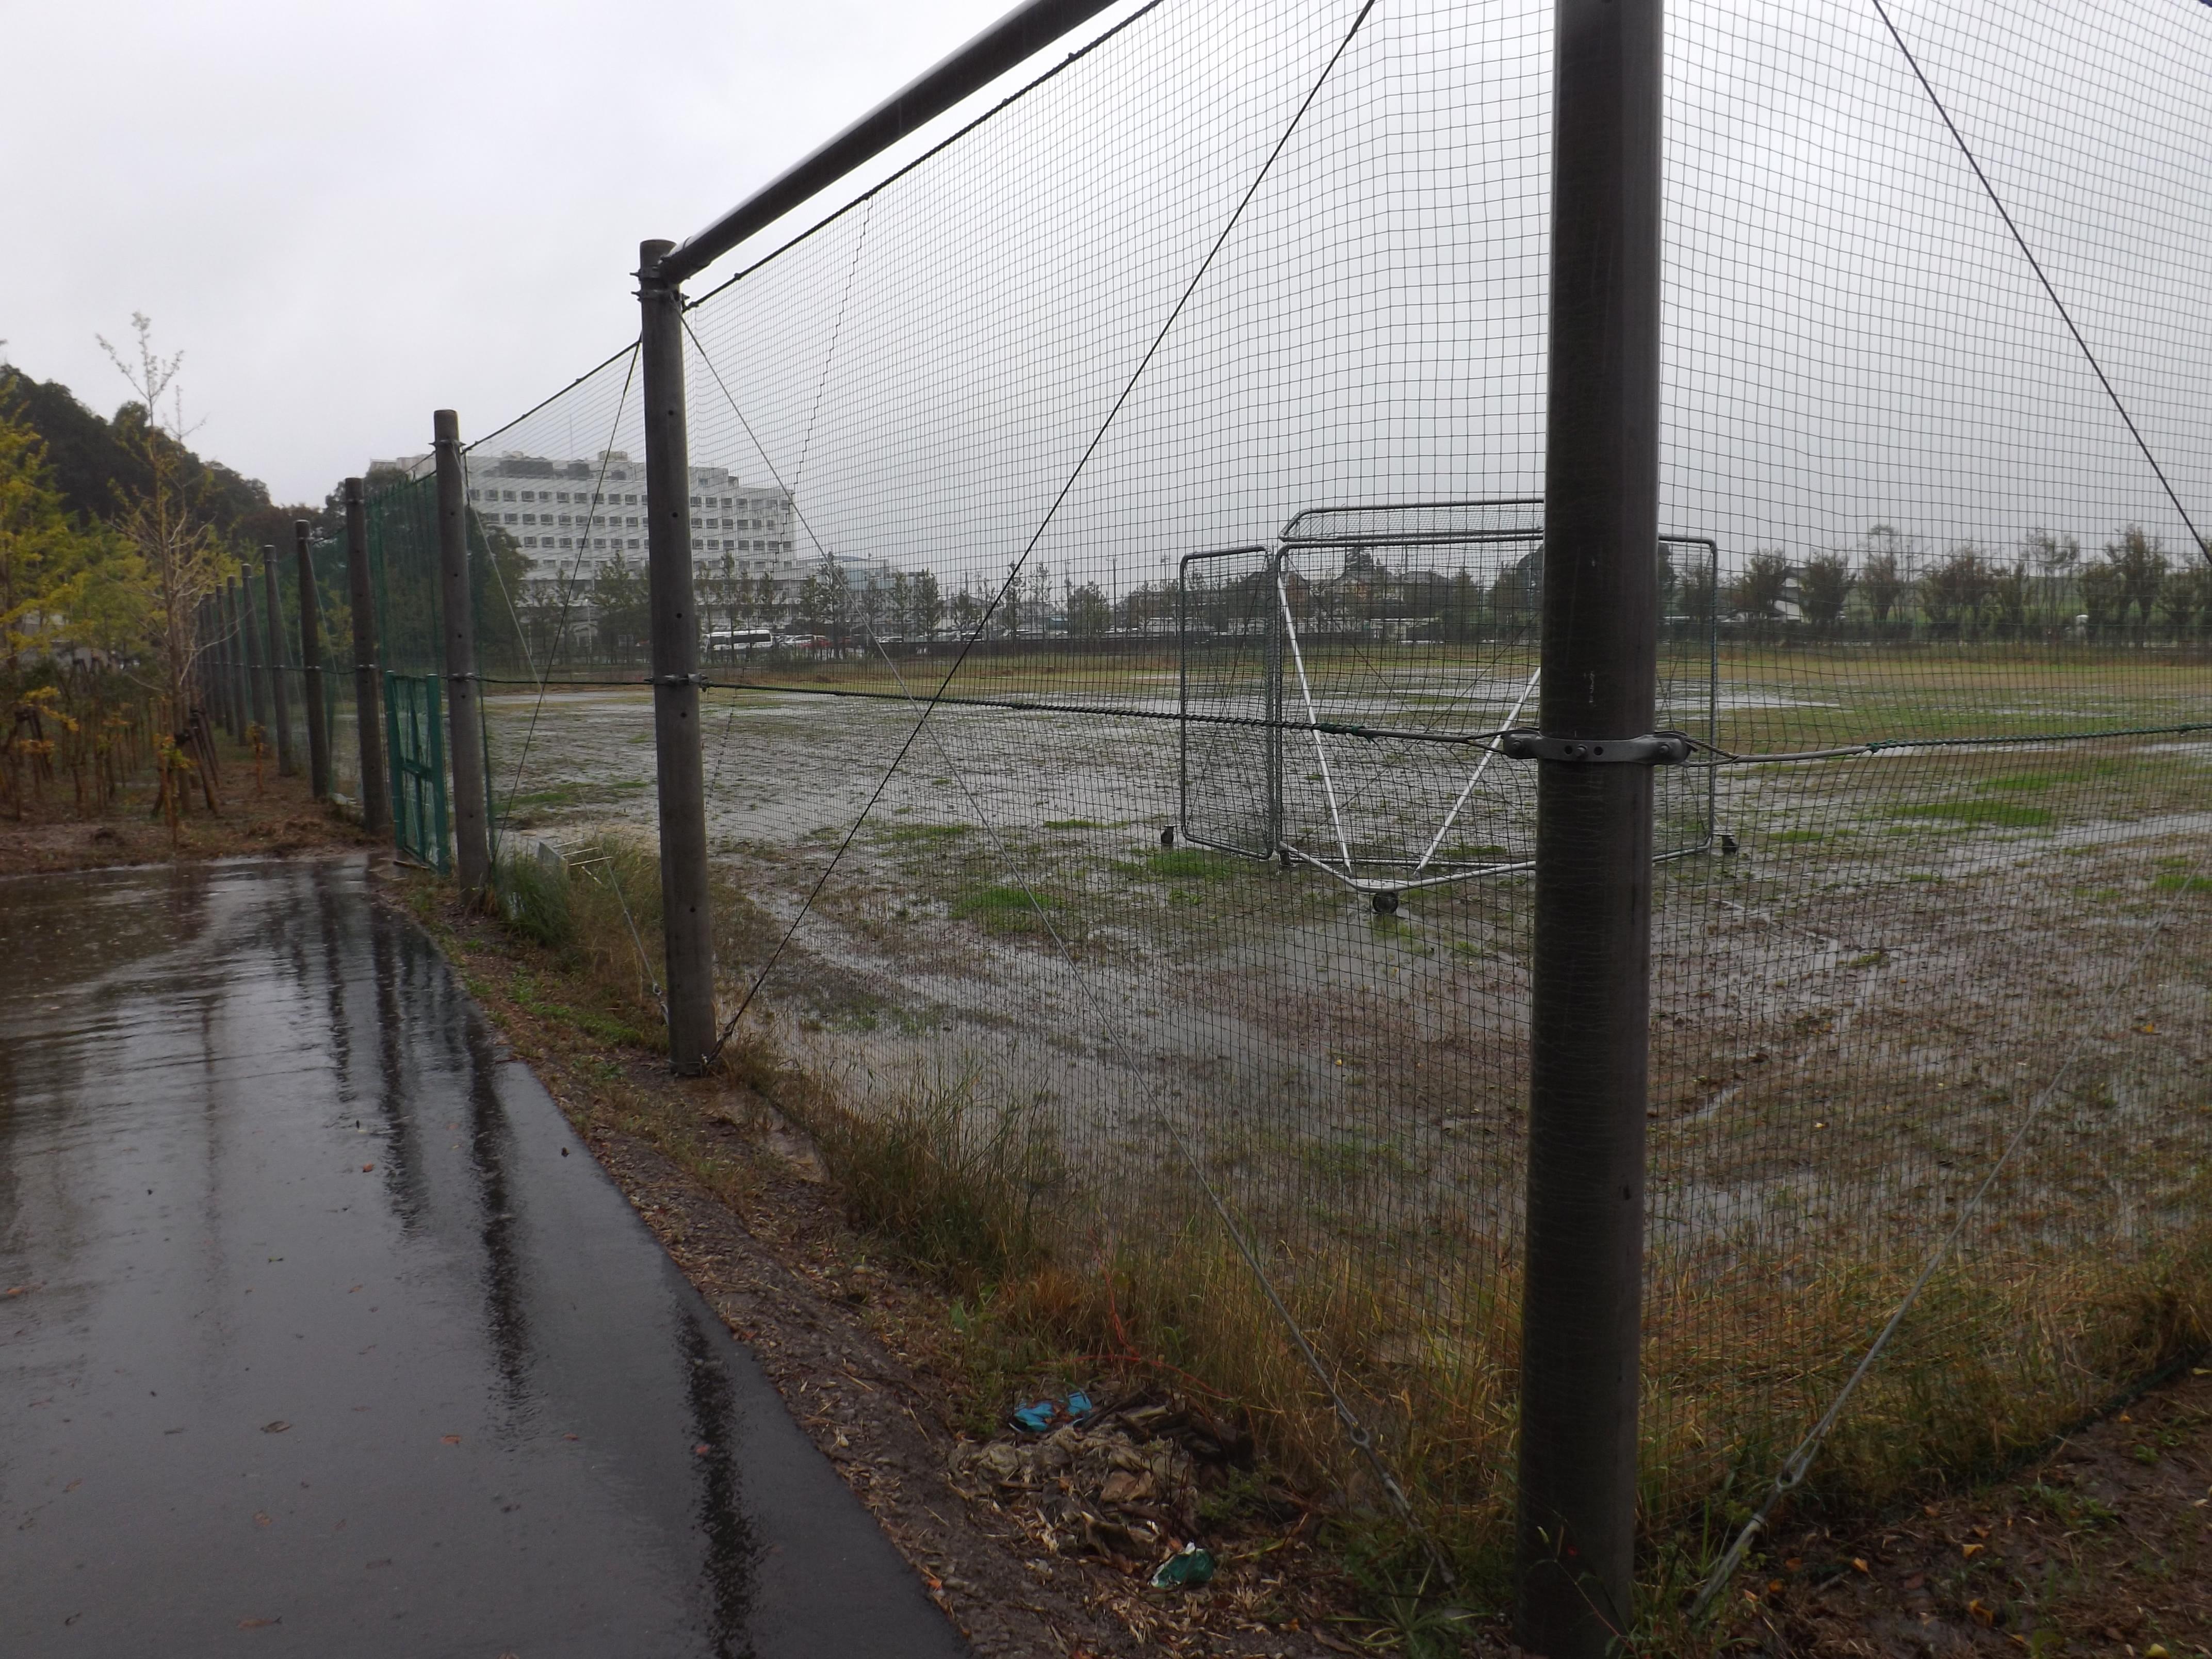 新川耕地スポーツフィールド